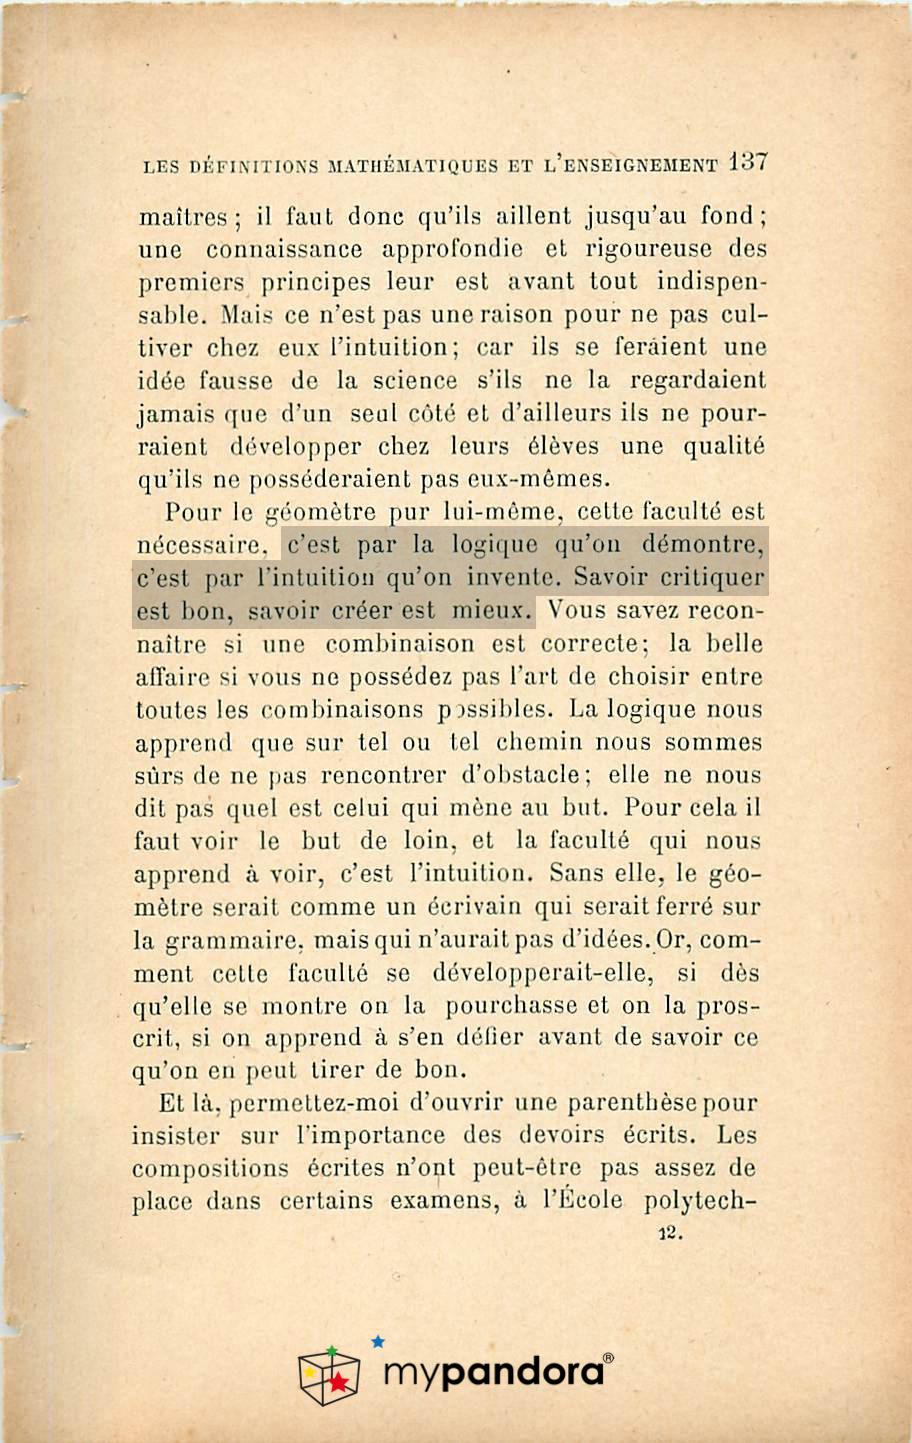 Livre Jules Henri Poincaré Science et Méthode, Paris 1908, Flammarion